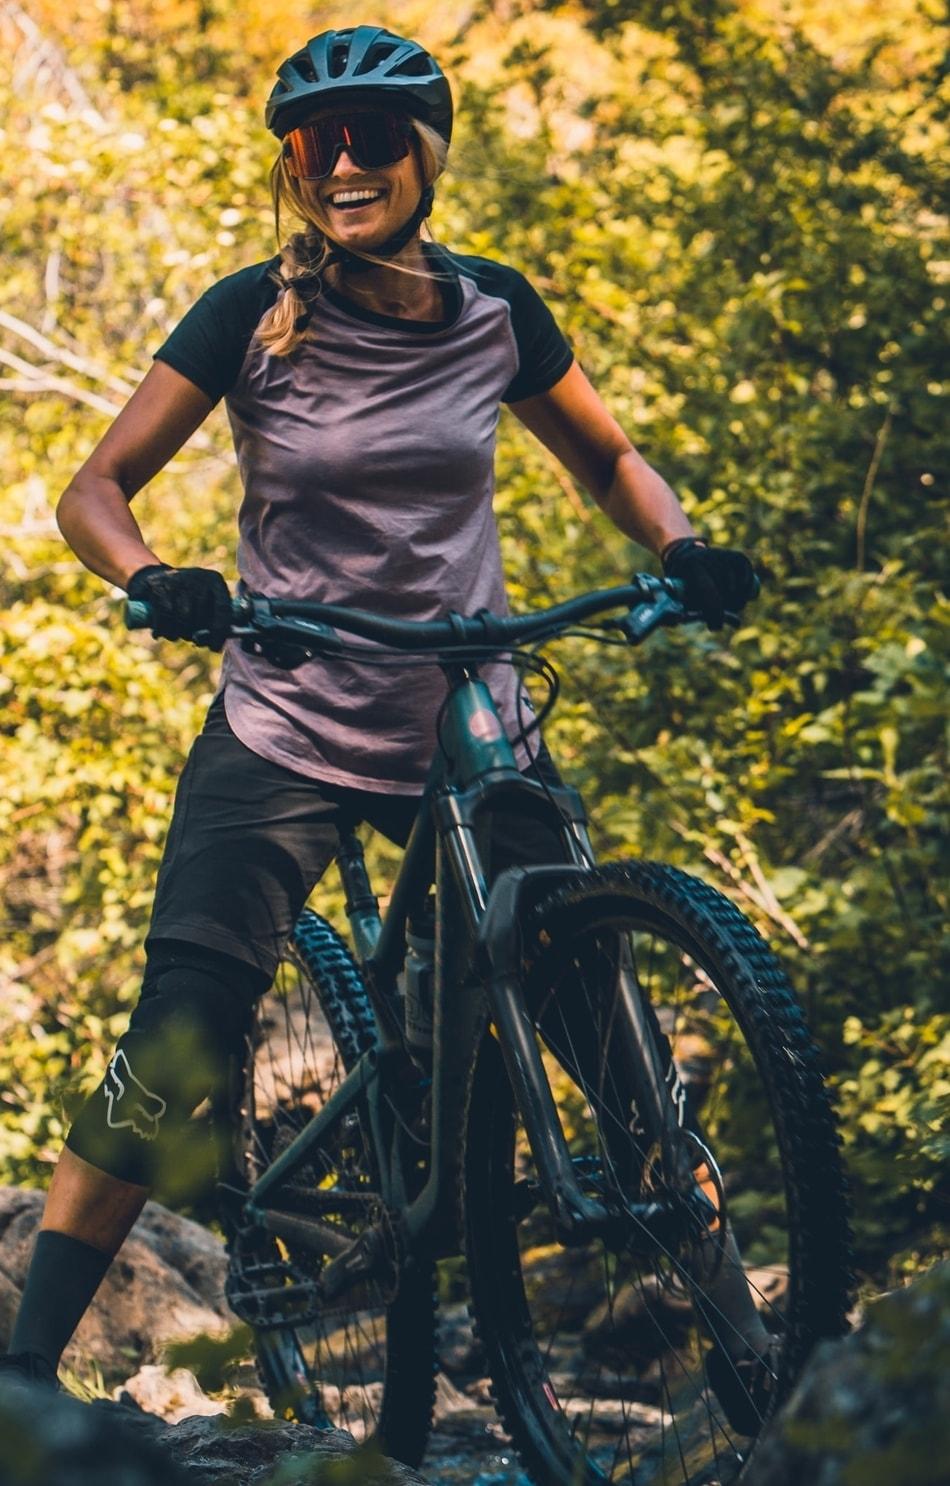 best cheap mountain bike pedals